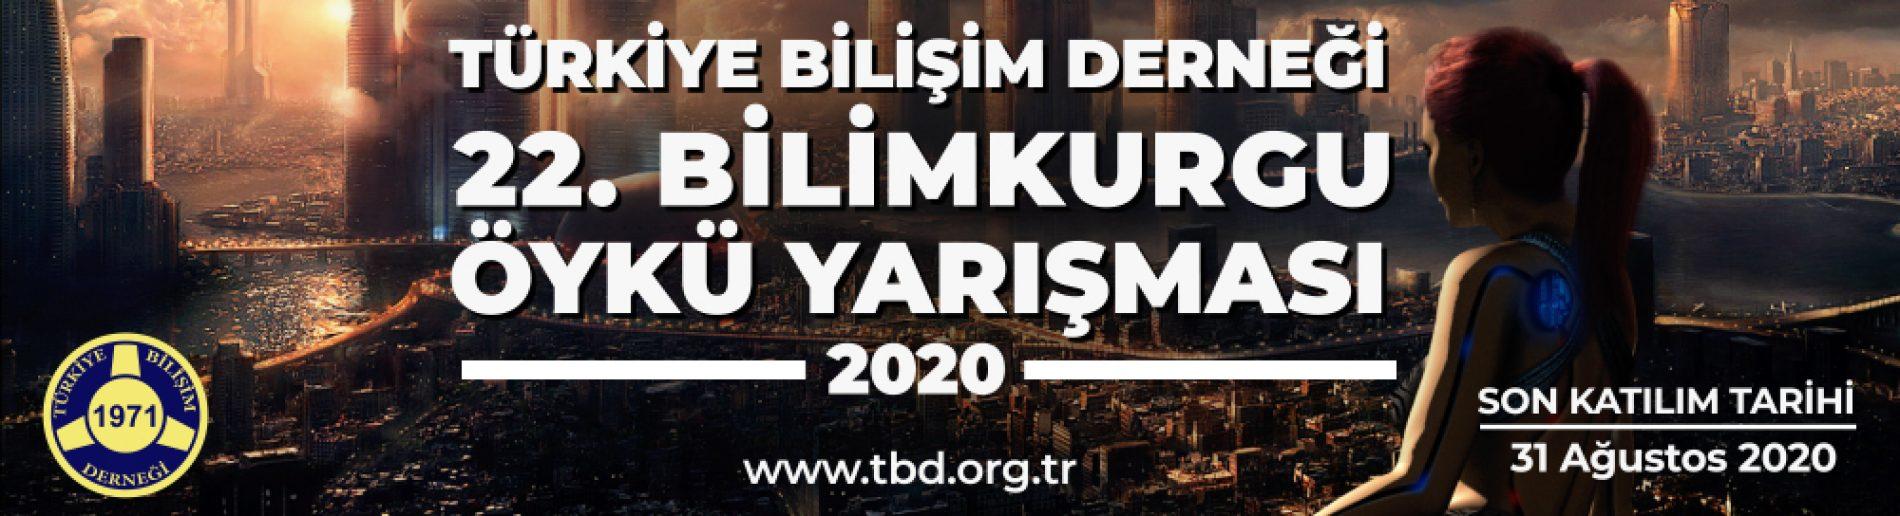 Türkiye Bilişim Dergisi BilimKurgu Öykü Yarışması 2020